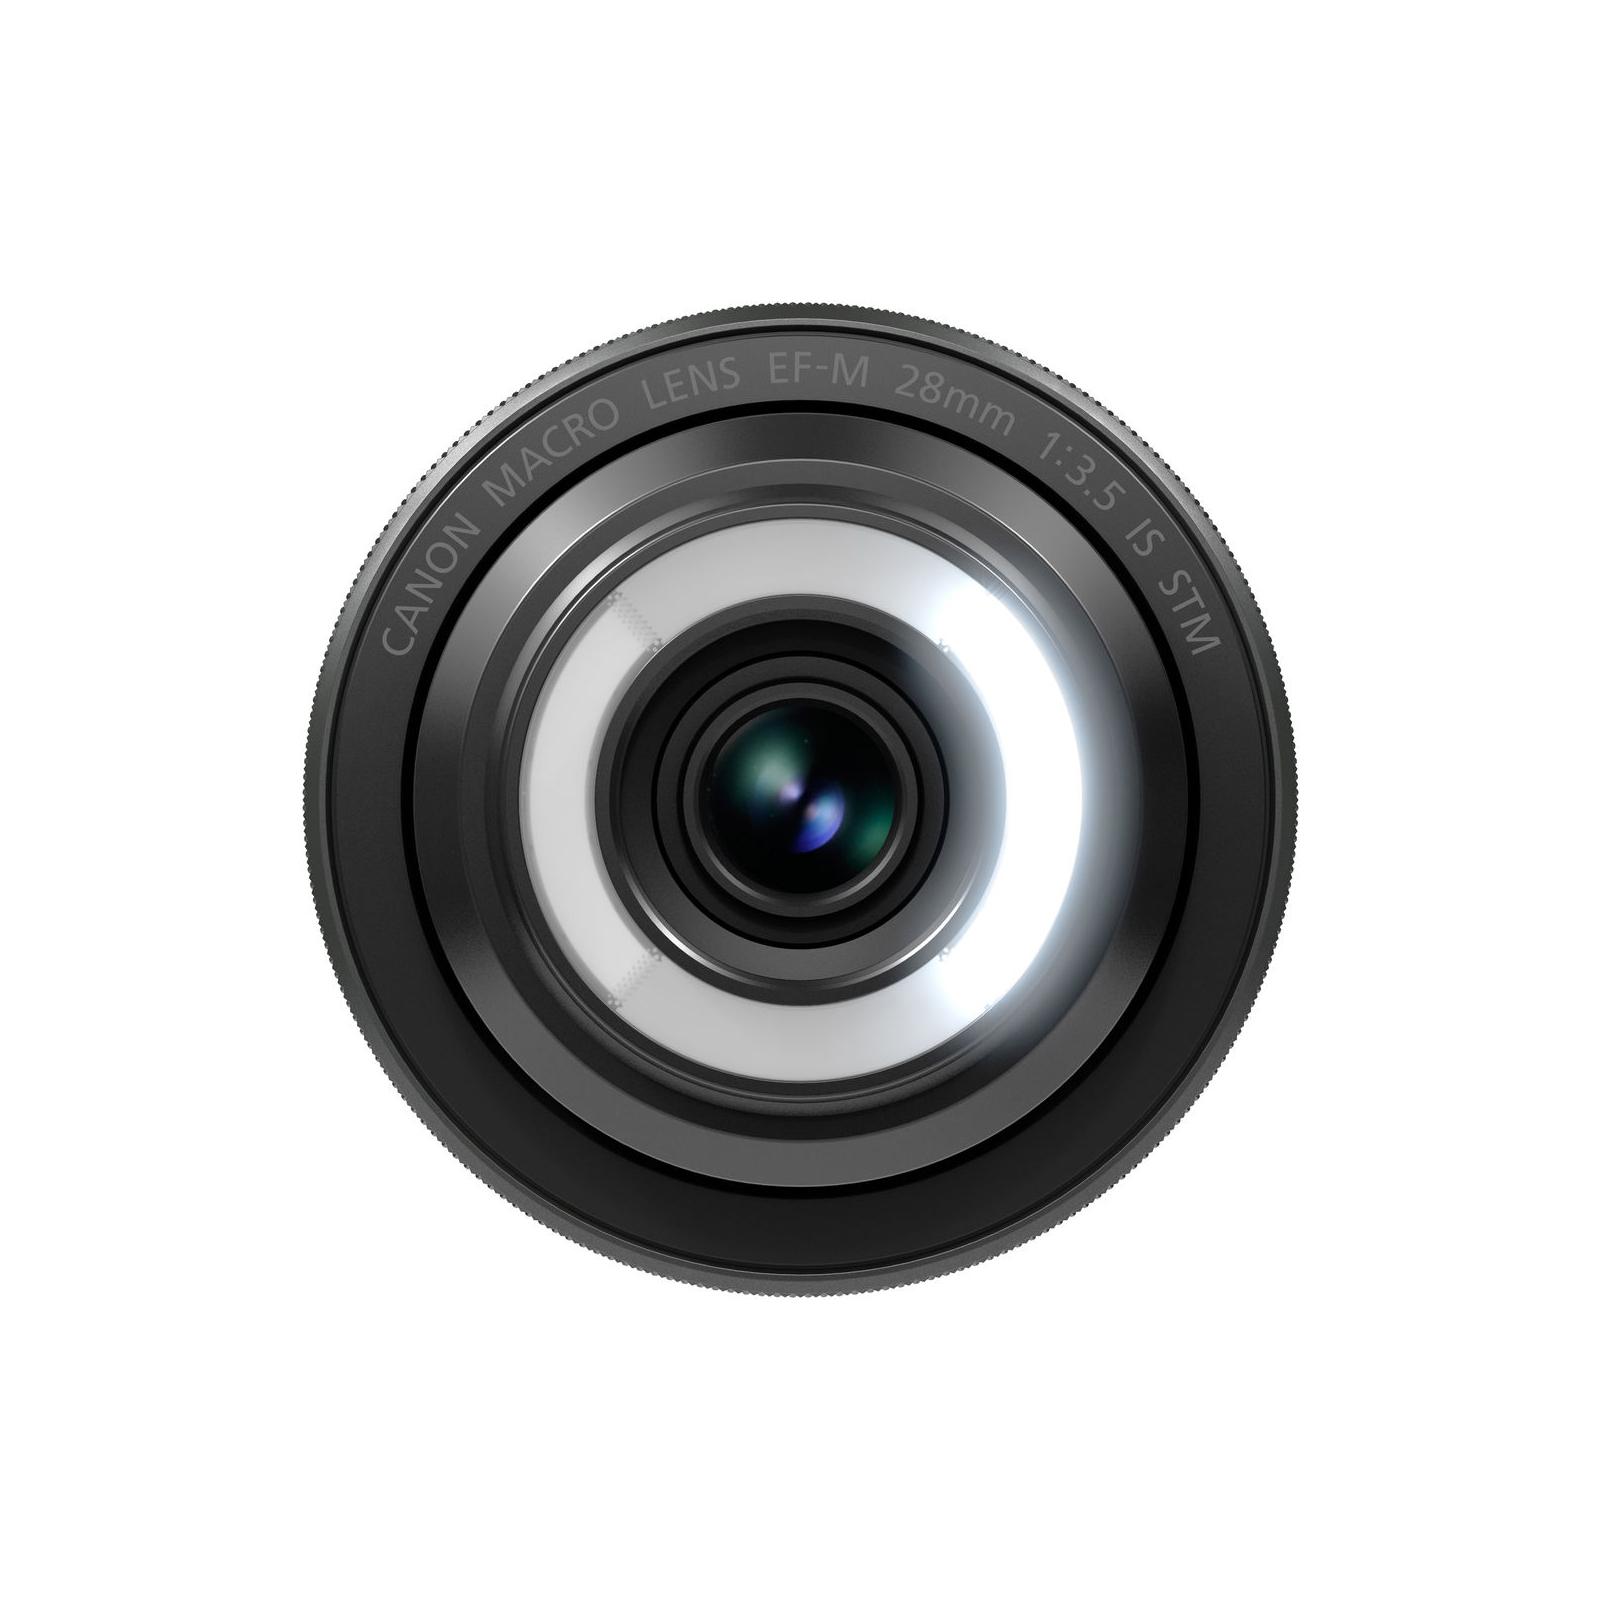 Объектив Canon EF-M 28mm f/3.5 Macro STM (1362C005) изображение 6